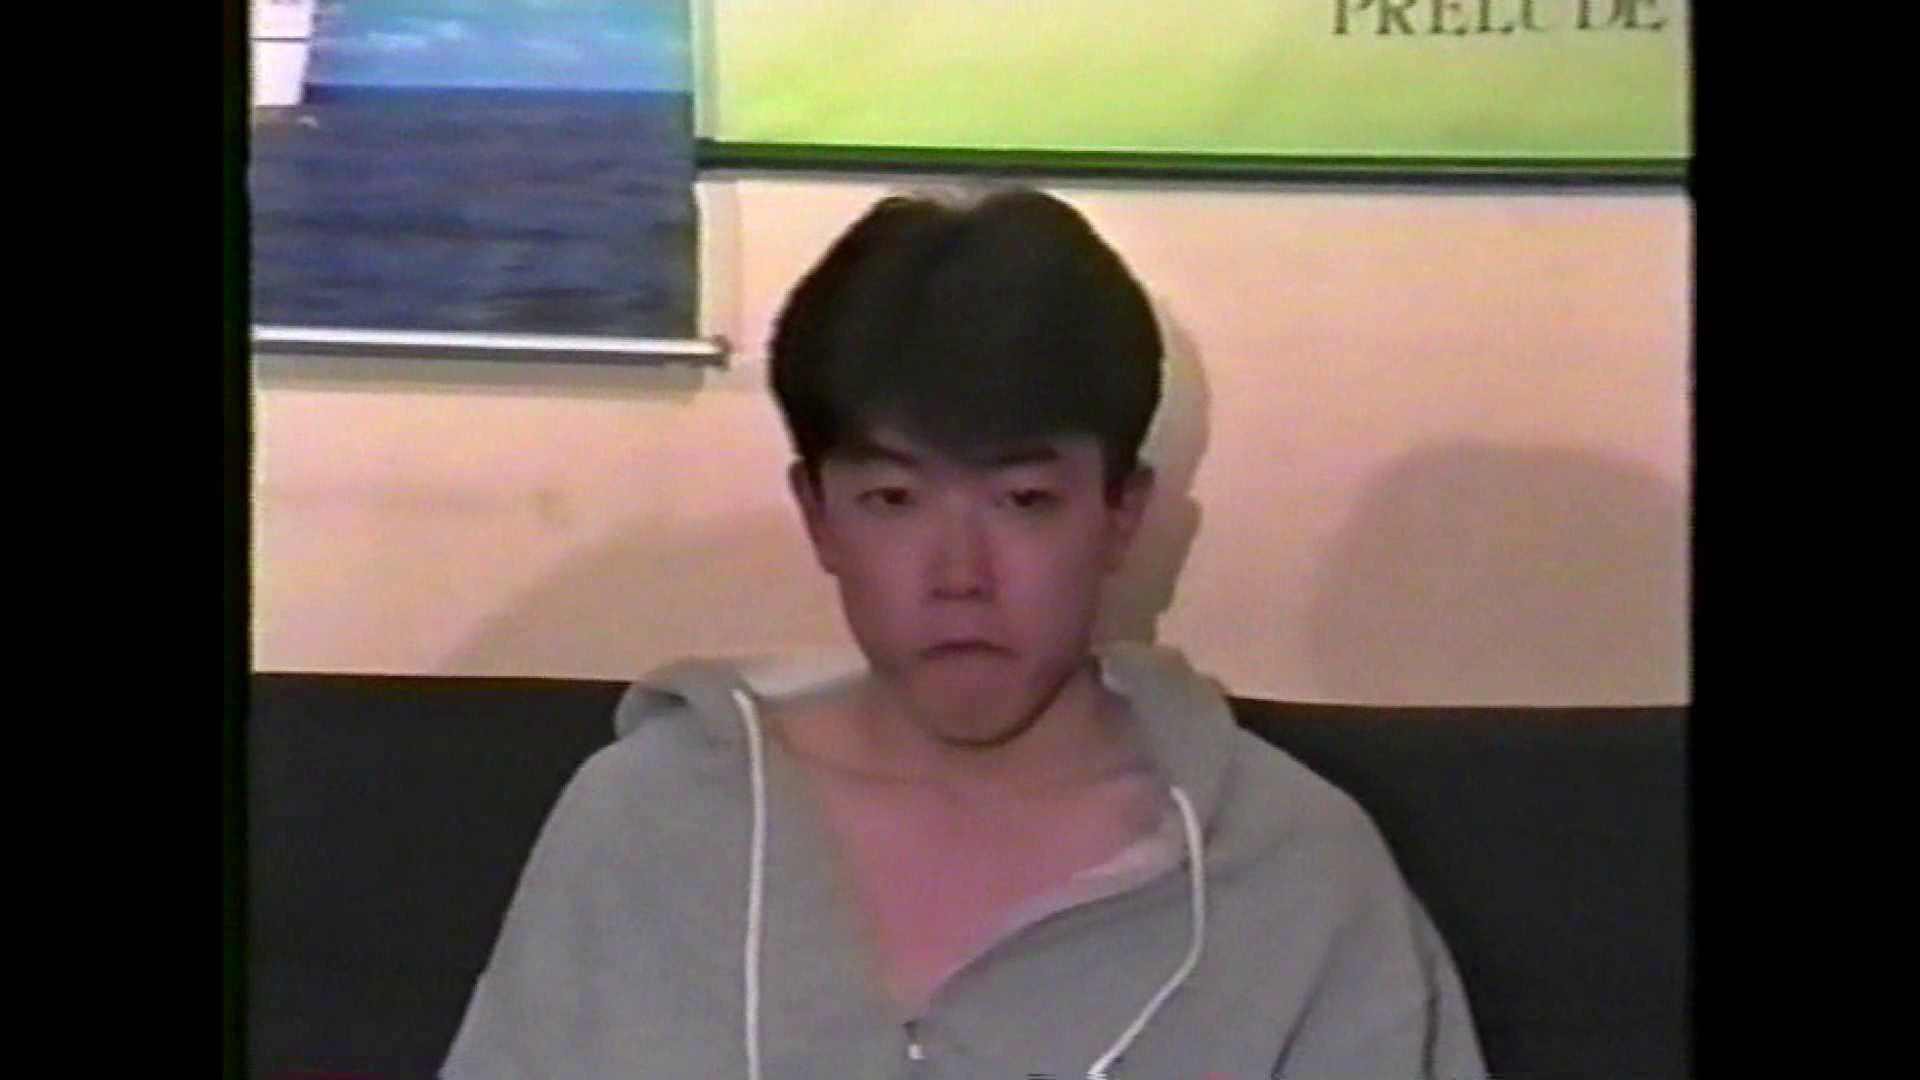 MADOKAさんのズリネタコレクションVol.2-1 フェラDE絶頂 | オナニー特集  80pic 4